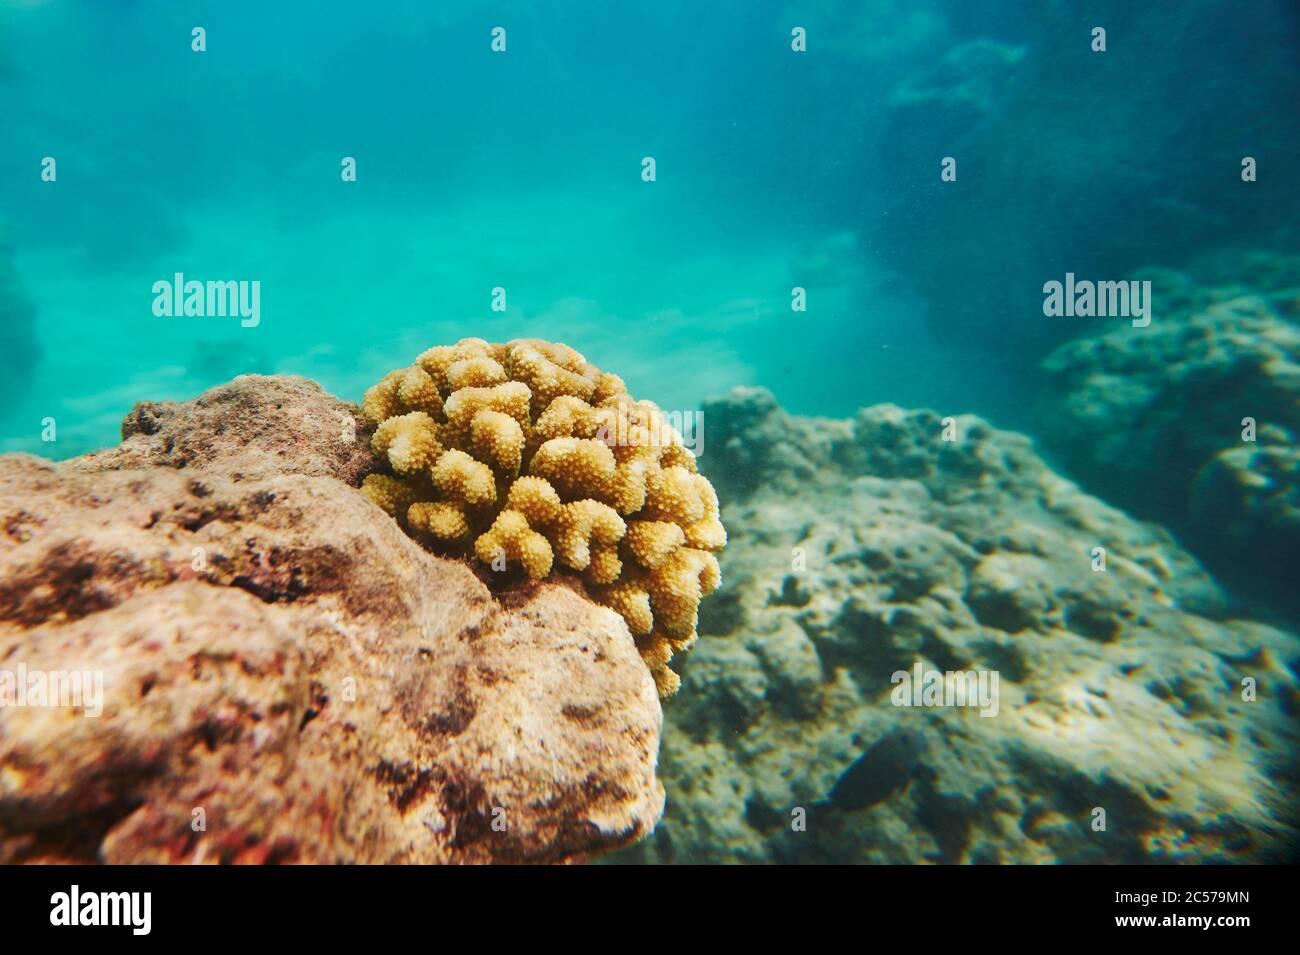 Coloridos arrecifes de coral, Mar de Coral, Bahía Hanauma, Isla Hawaiana de Oahu, Hawai, Estado Aloha, Estados Unidos Foto de stock